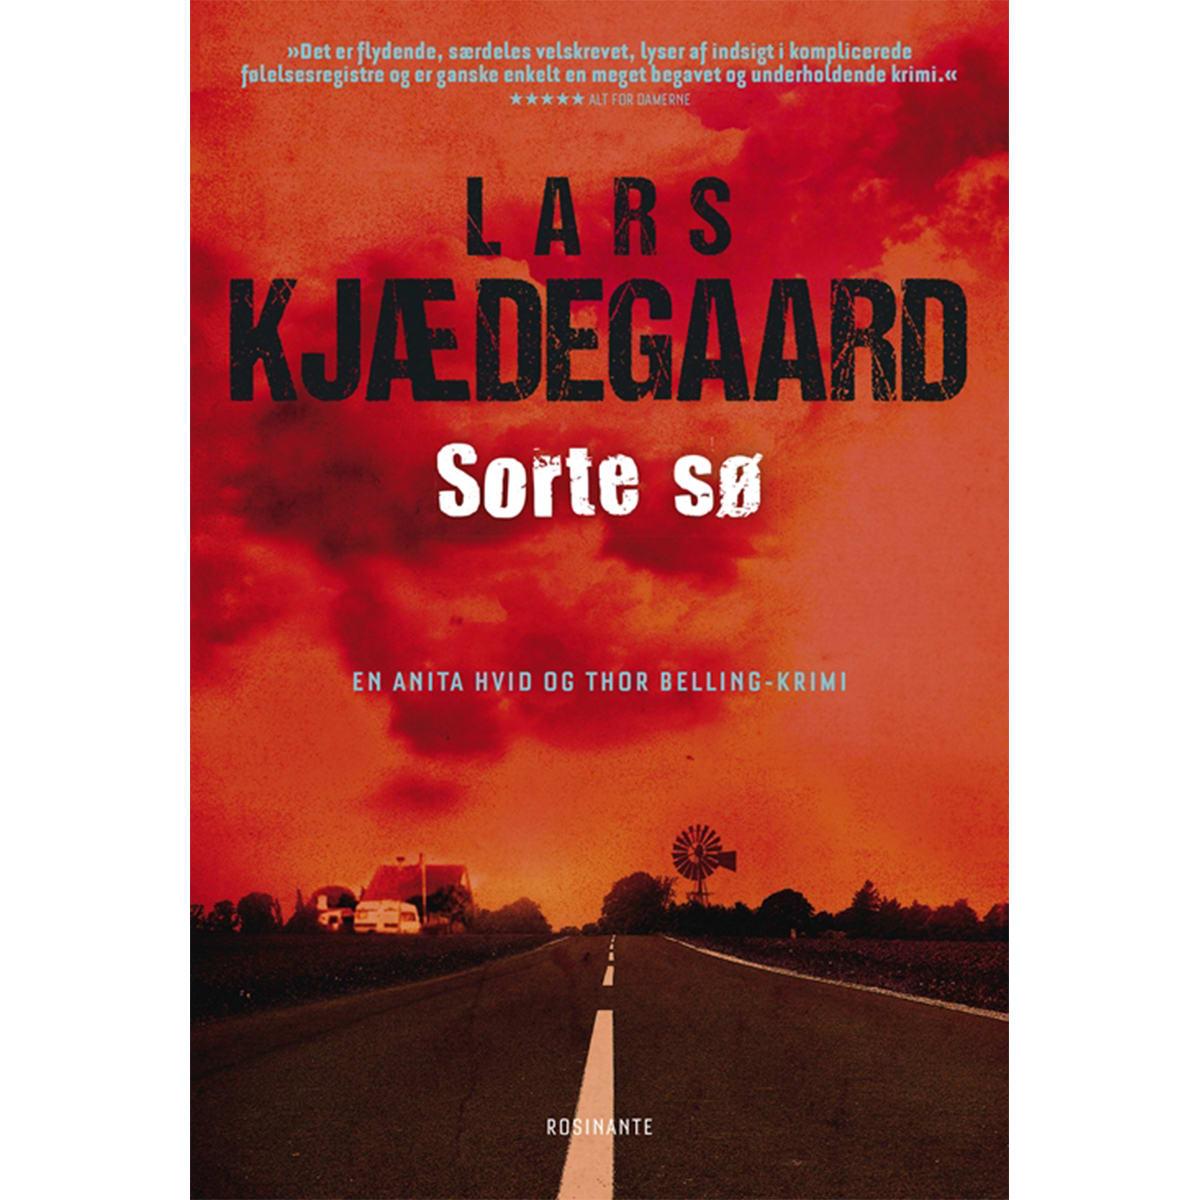 Af Lars Kjædegaard